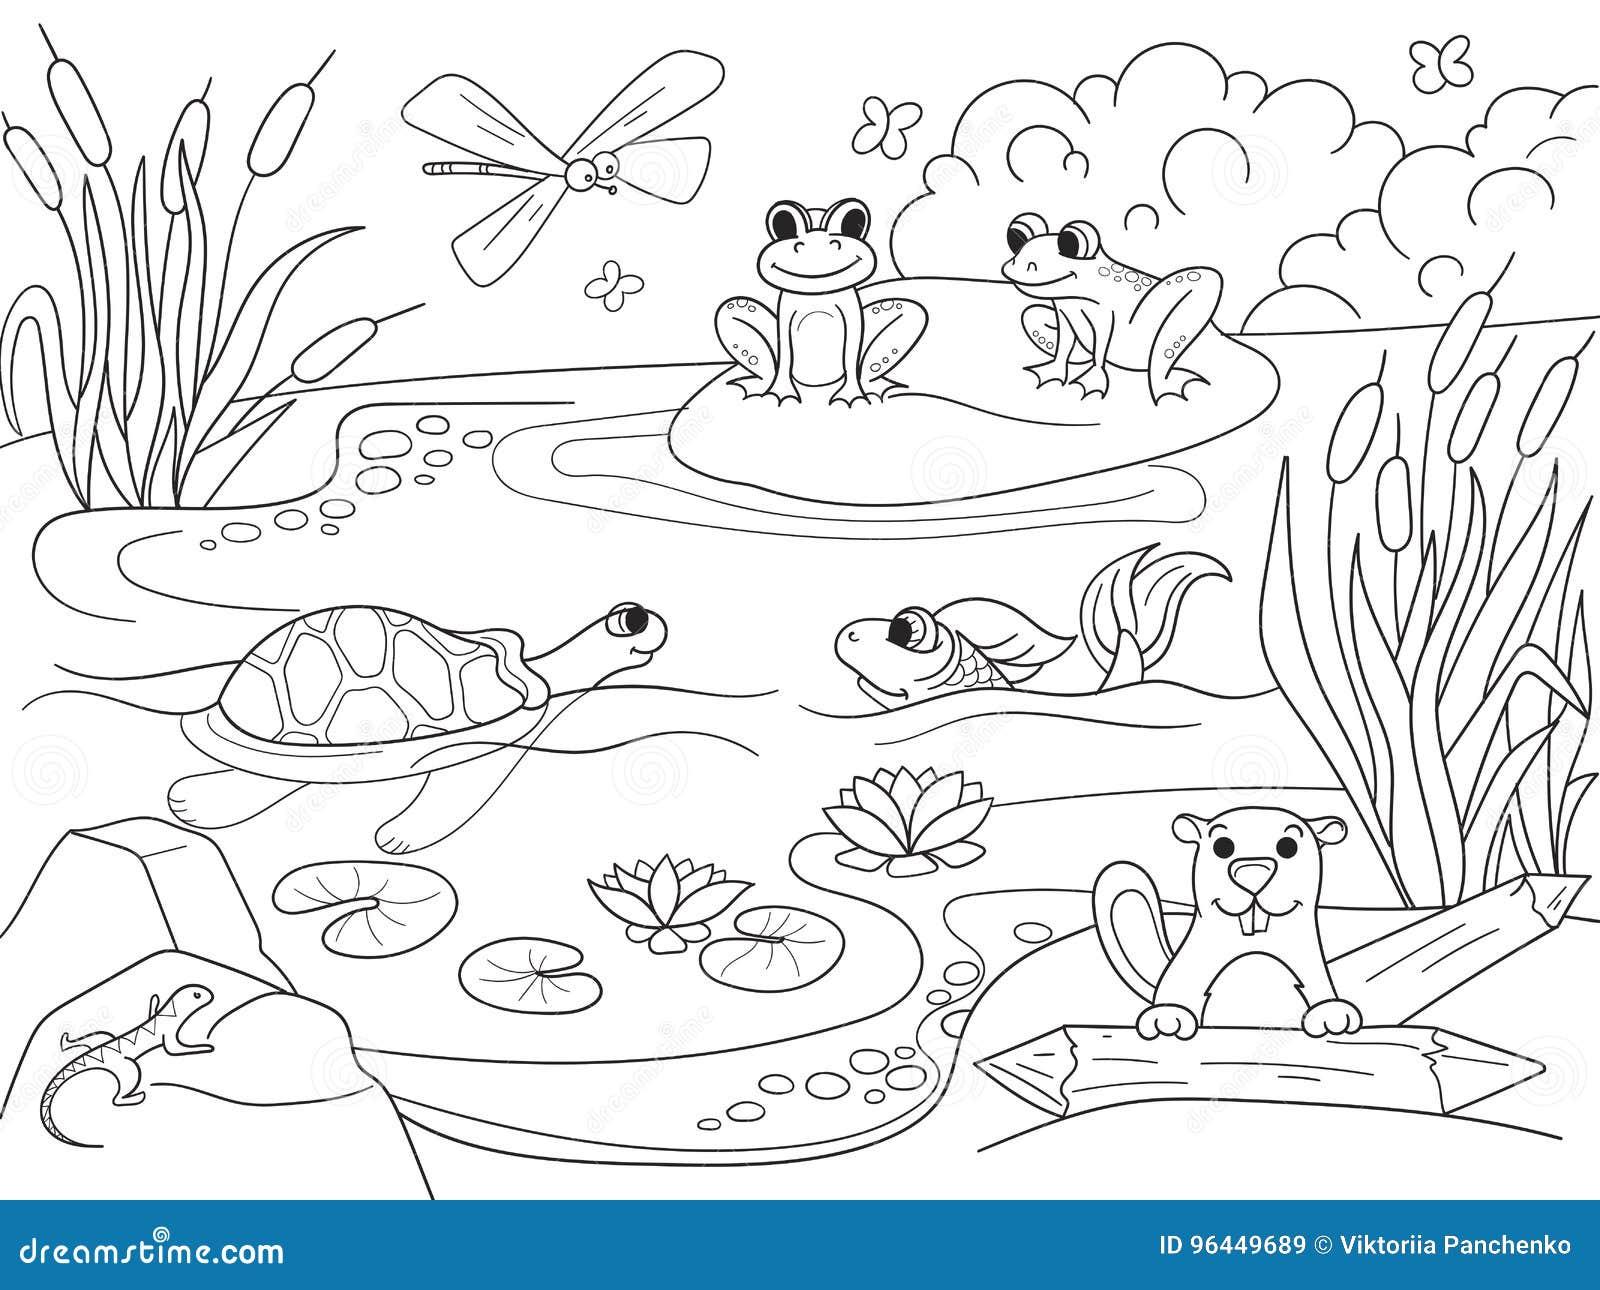 Patos Para Colorear Para Para Con Para Vector Stock Sin: Paisaje Del Humedal Con Los Animales Que Colorean El